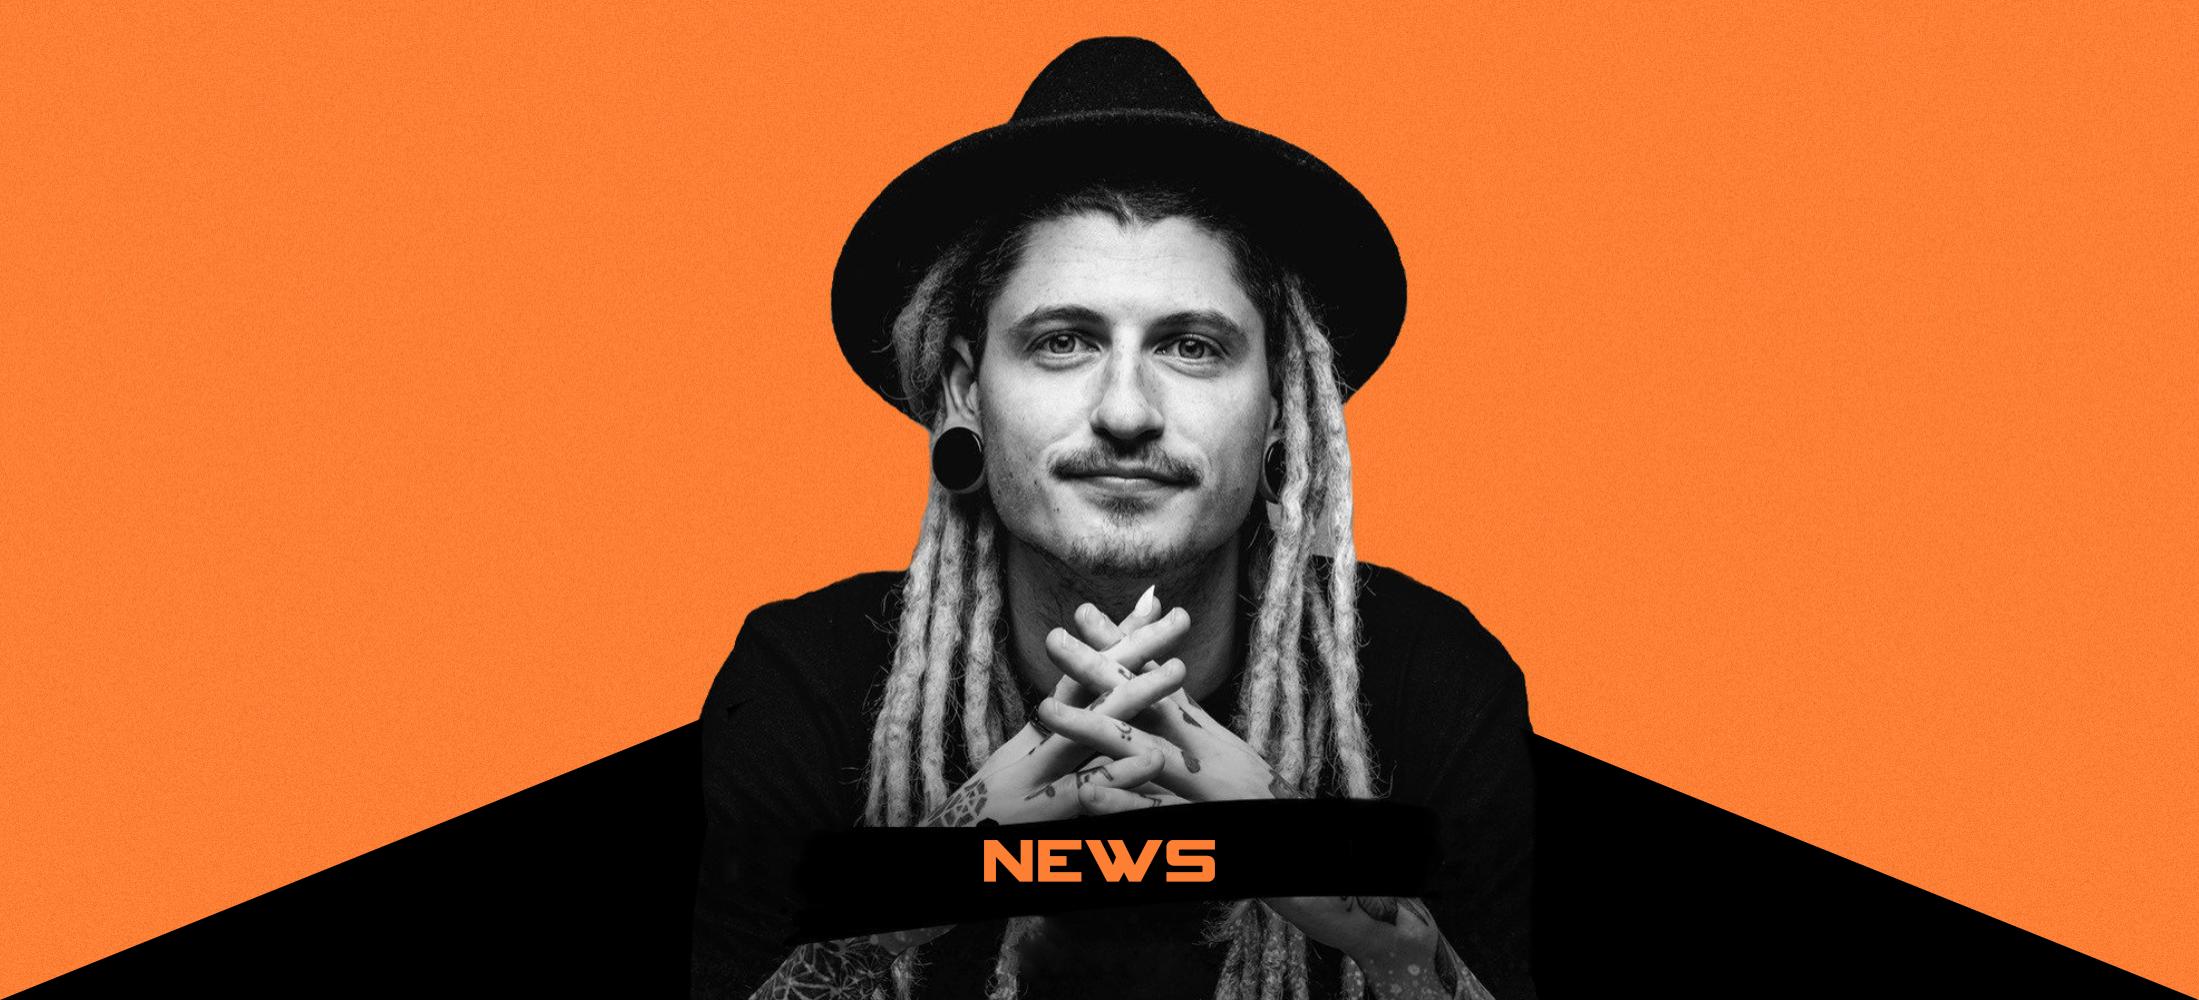 bg_hero-news